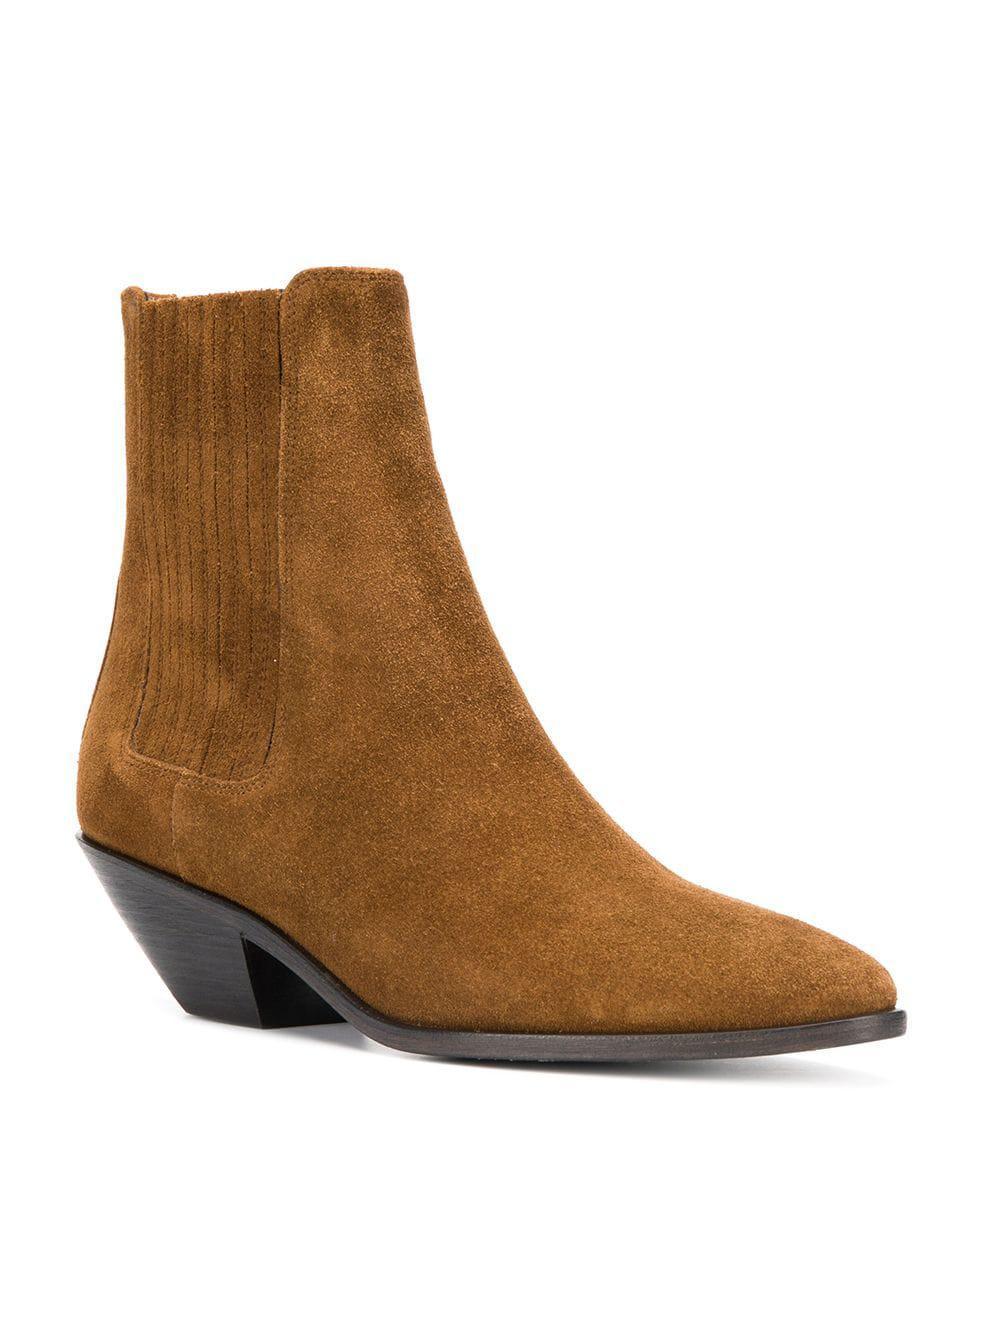 b9d0c7558dcfb Lyst - Saint Laurent West Chelsea Boots in Brown